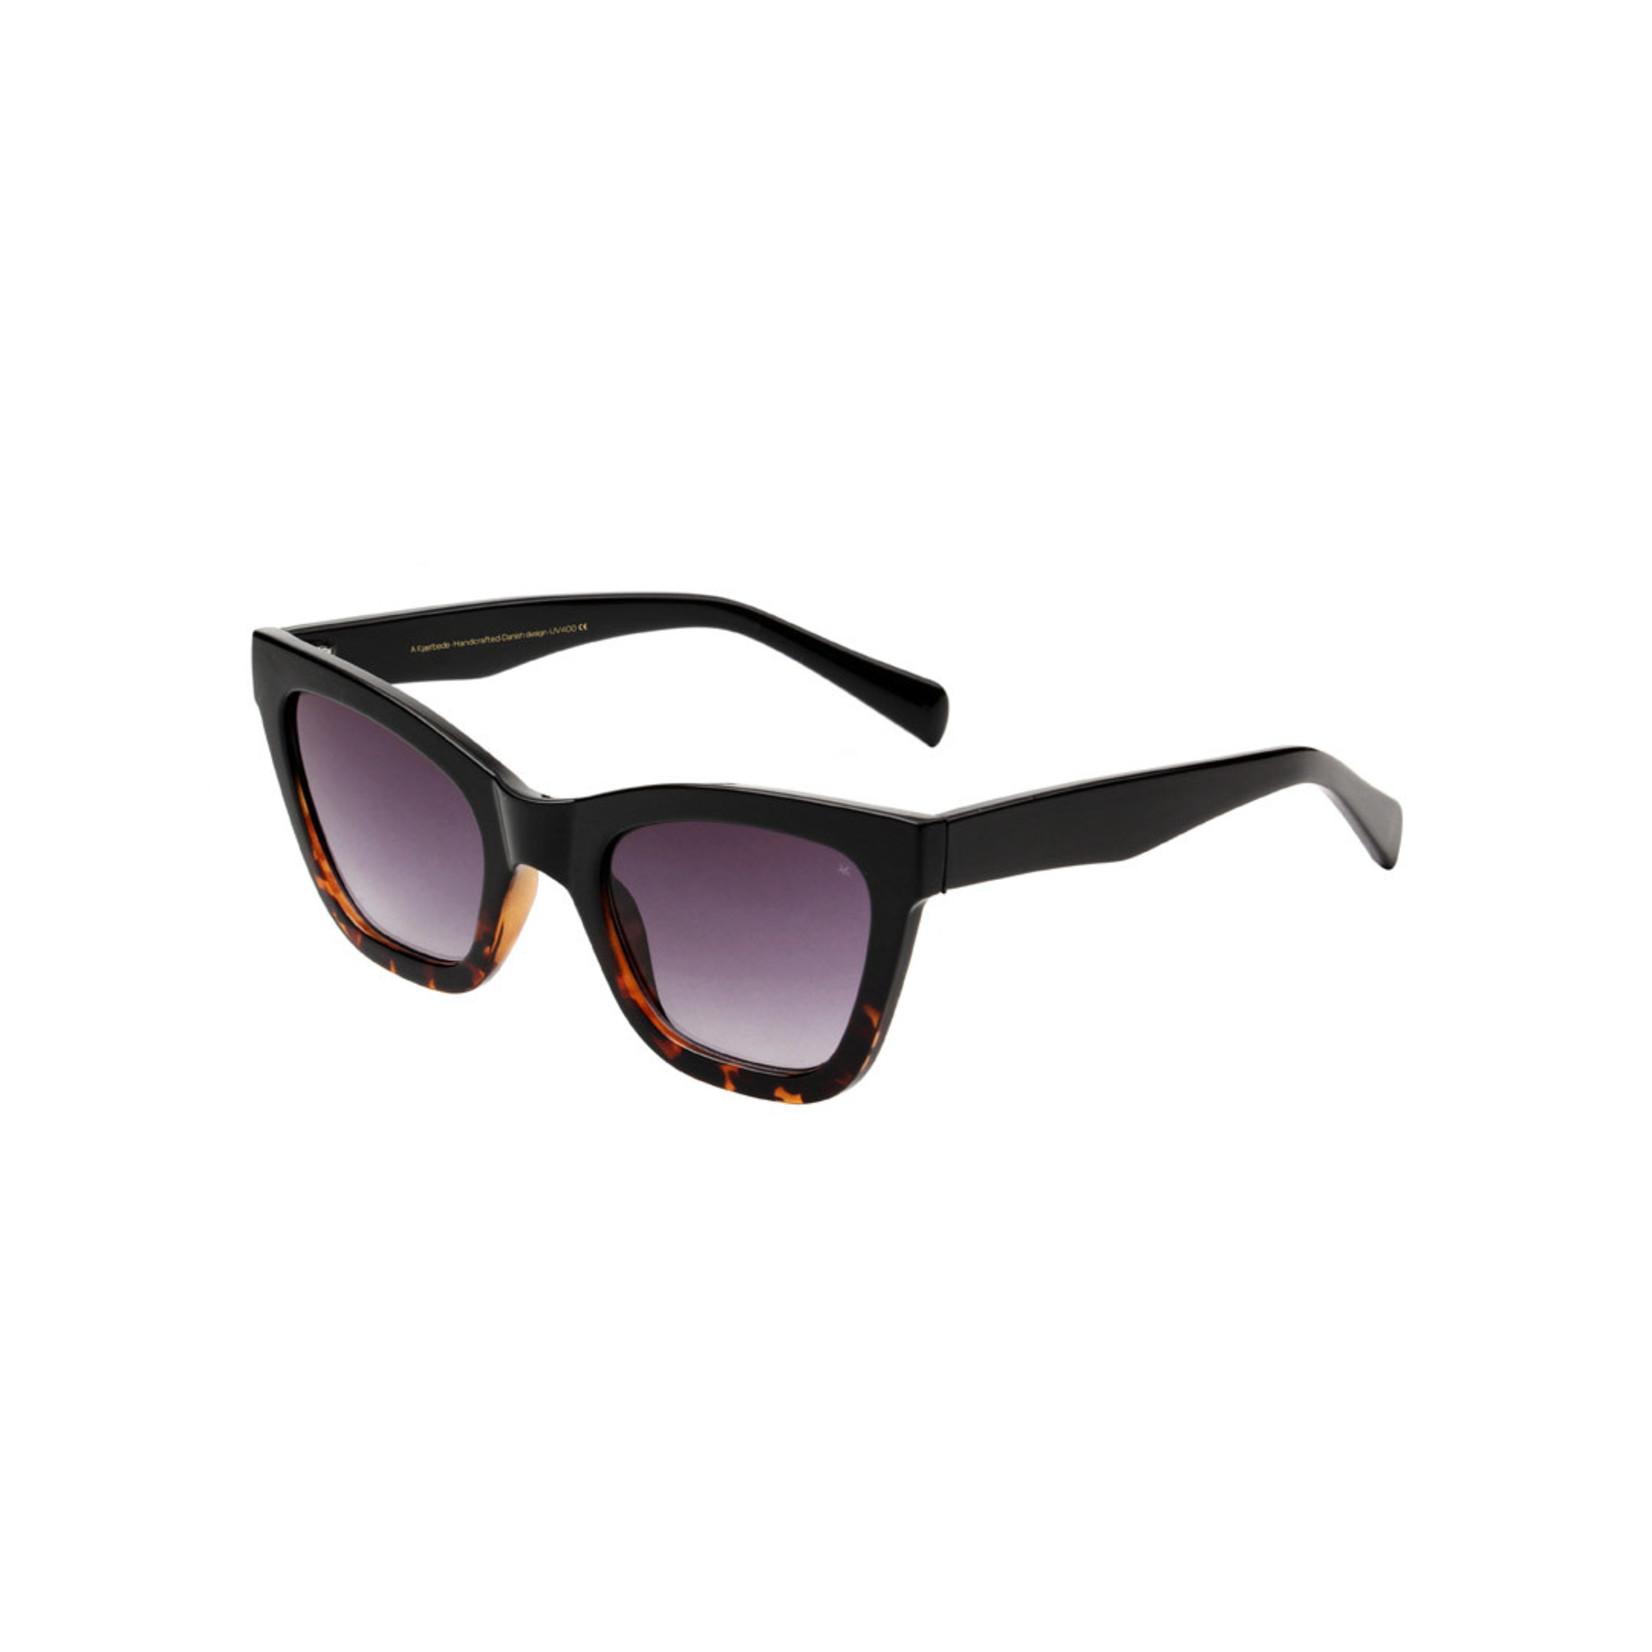 Kjearbede Kjearbede zonnebril  Big Kanye Black/Demi/Turtoise  / KL2103-004